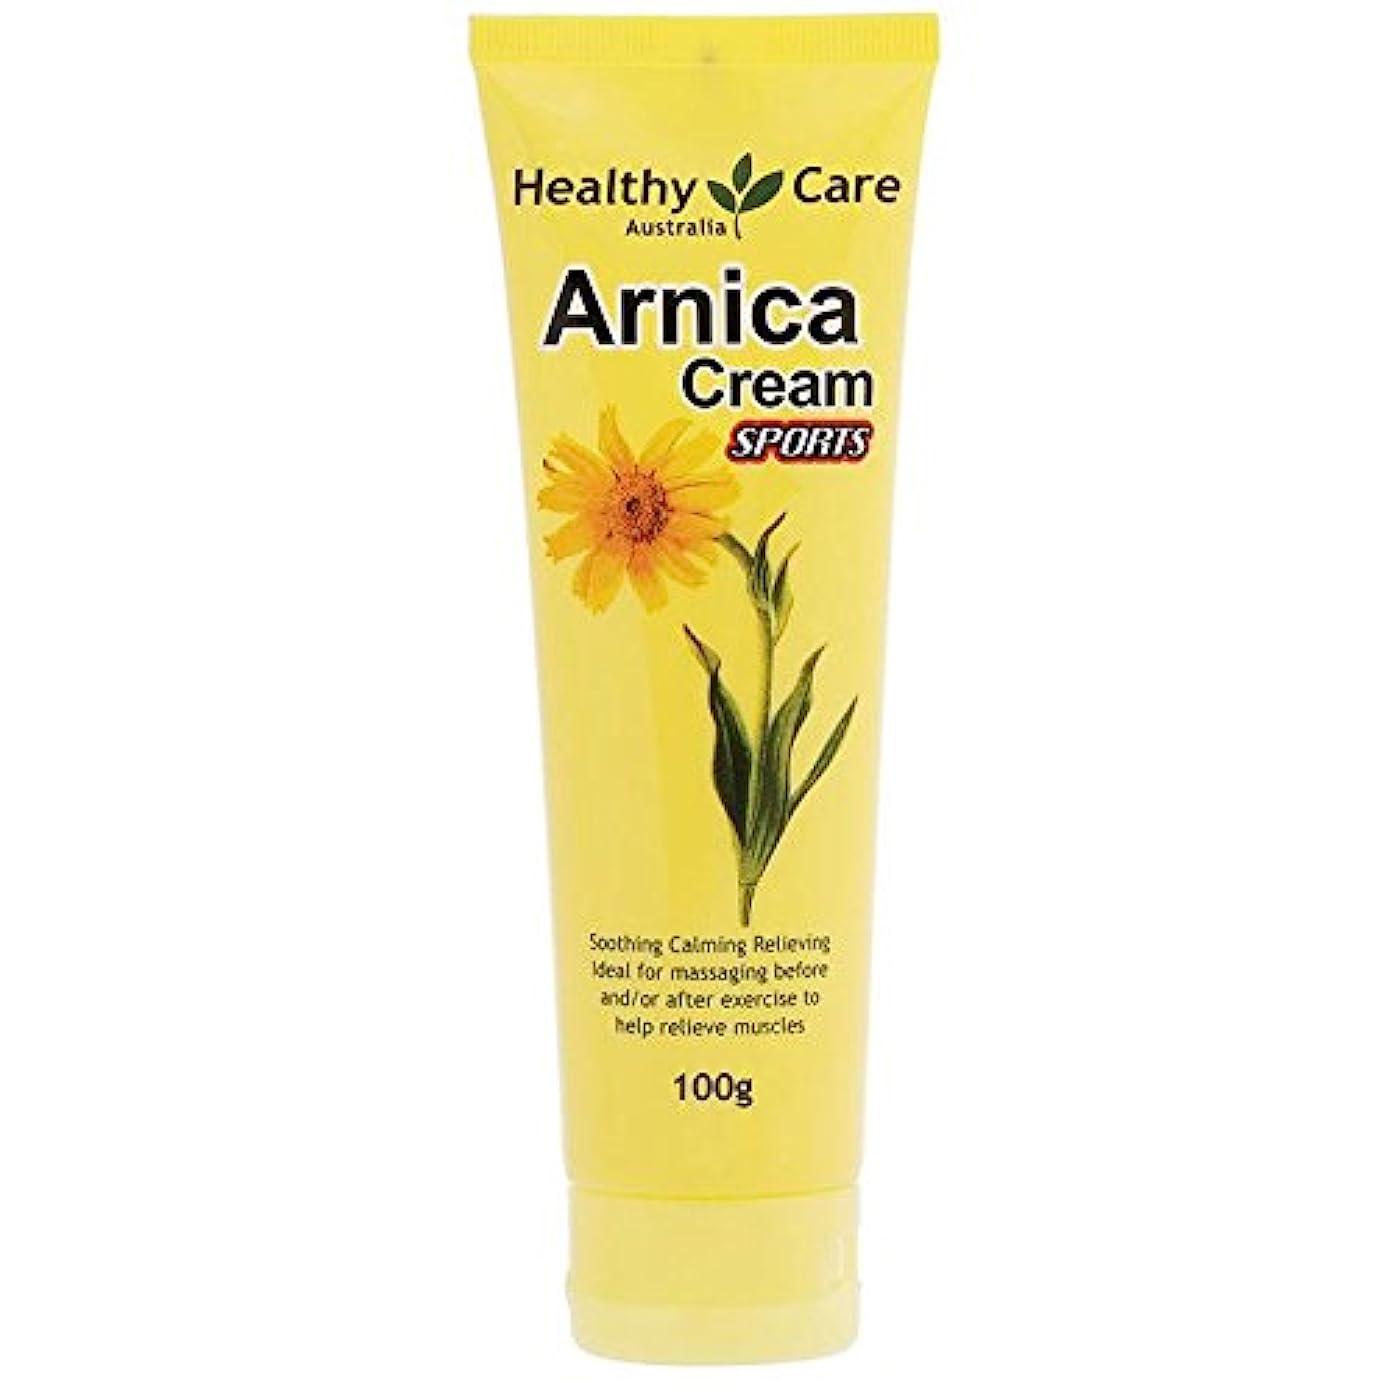 スパン確保するパトロン[Healthy Care] アルニカクリーム(Arnica Cream) 100g【海外直送品】